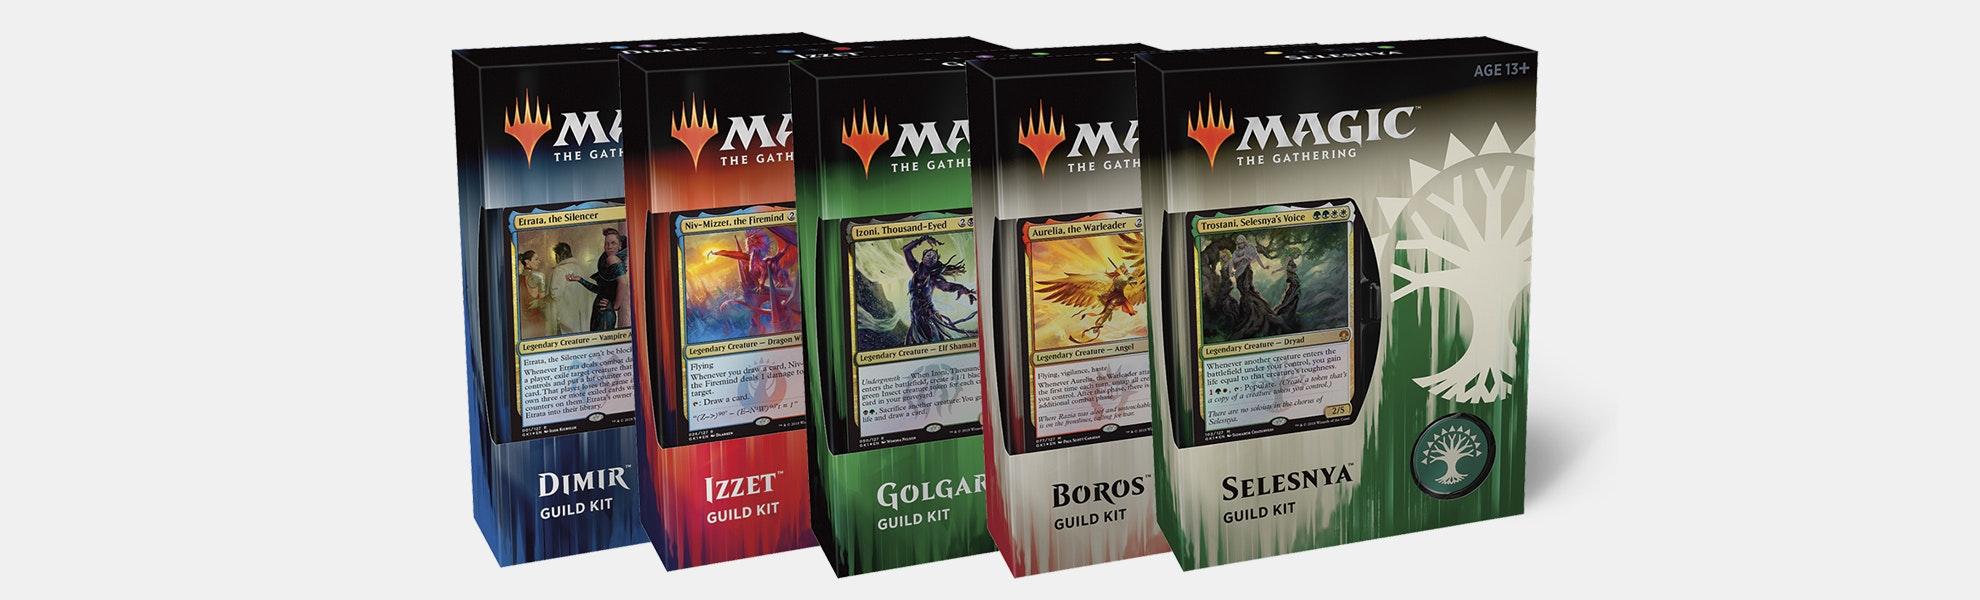 Guilds of Ravnica Guild Kit (Set of 5)